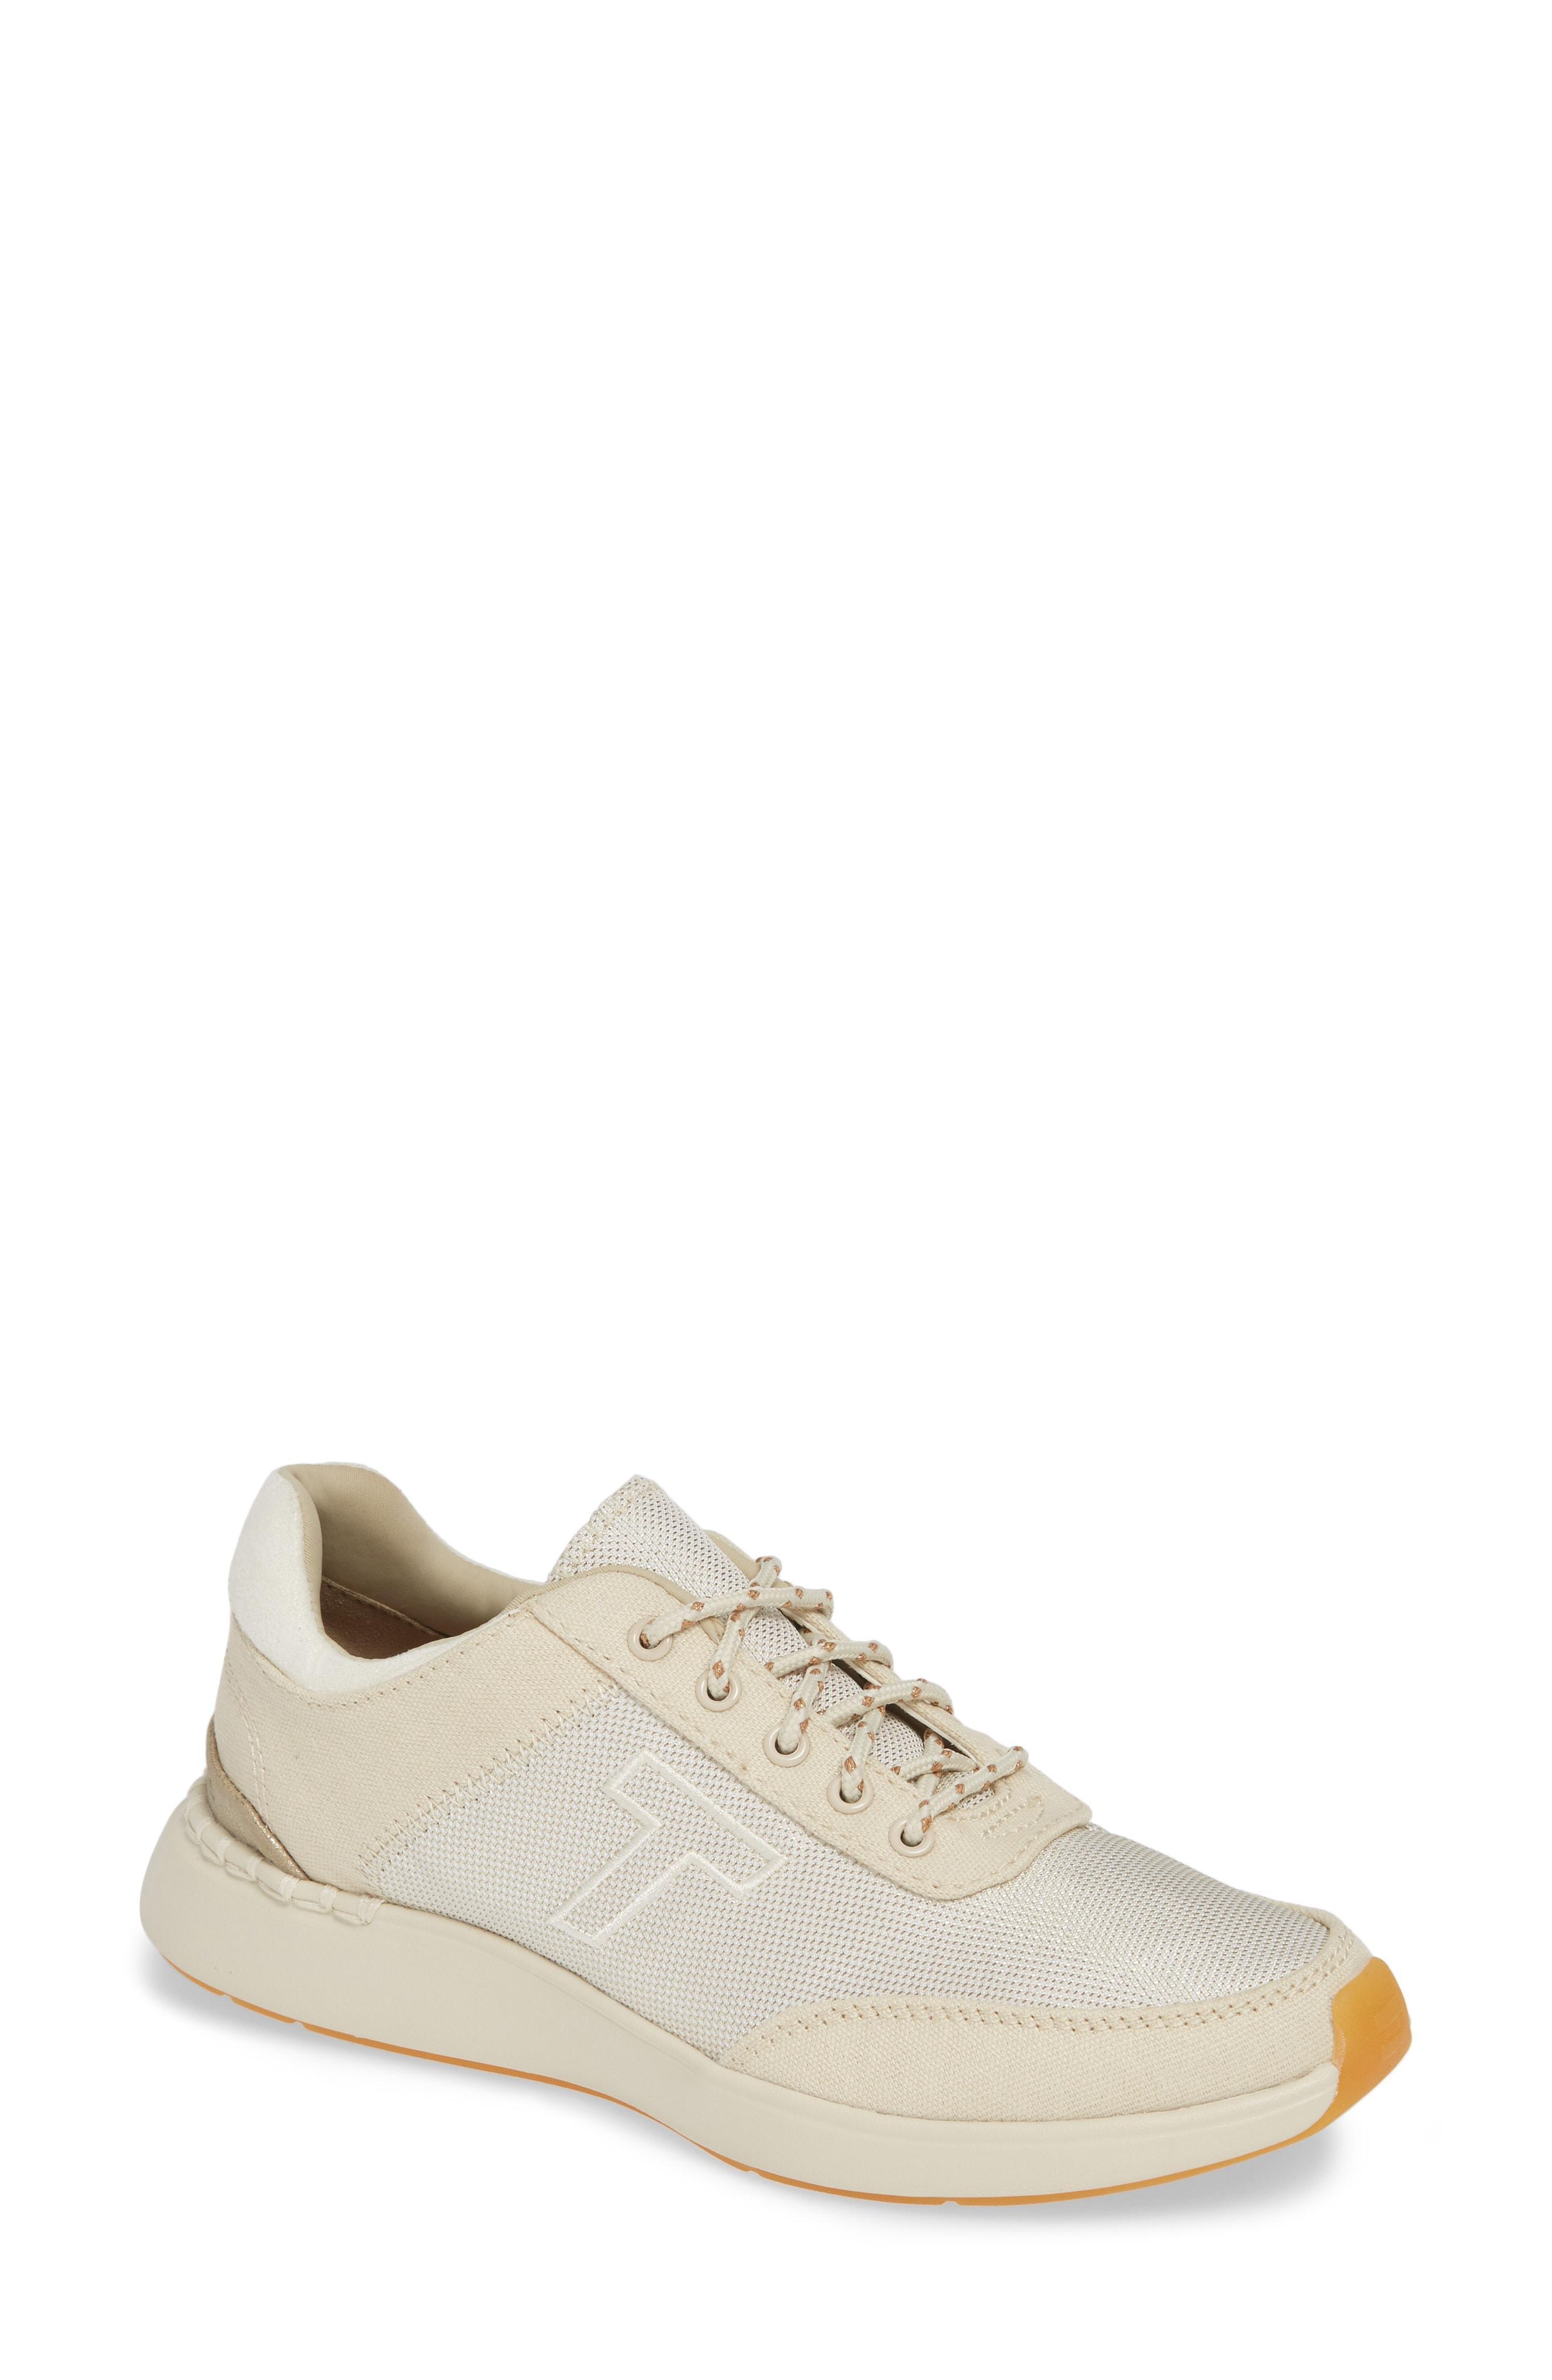 Lyst TOMS Arroyo Sneaker